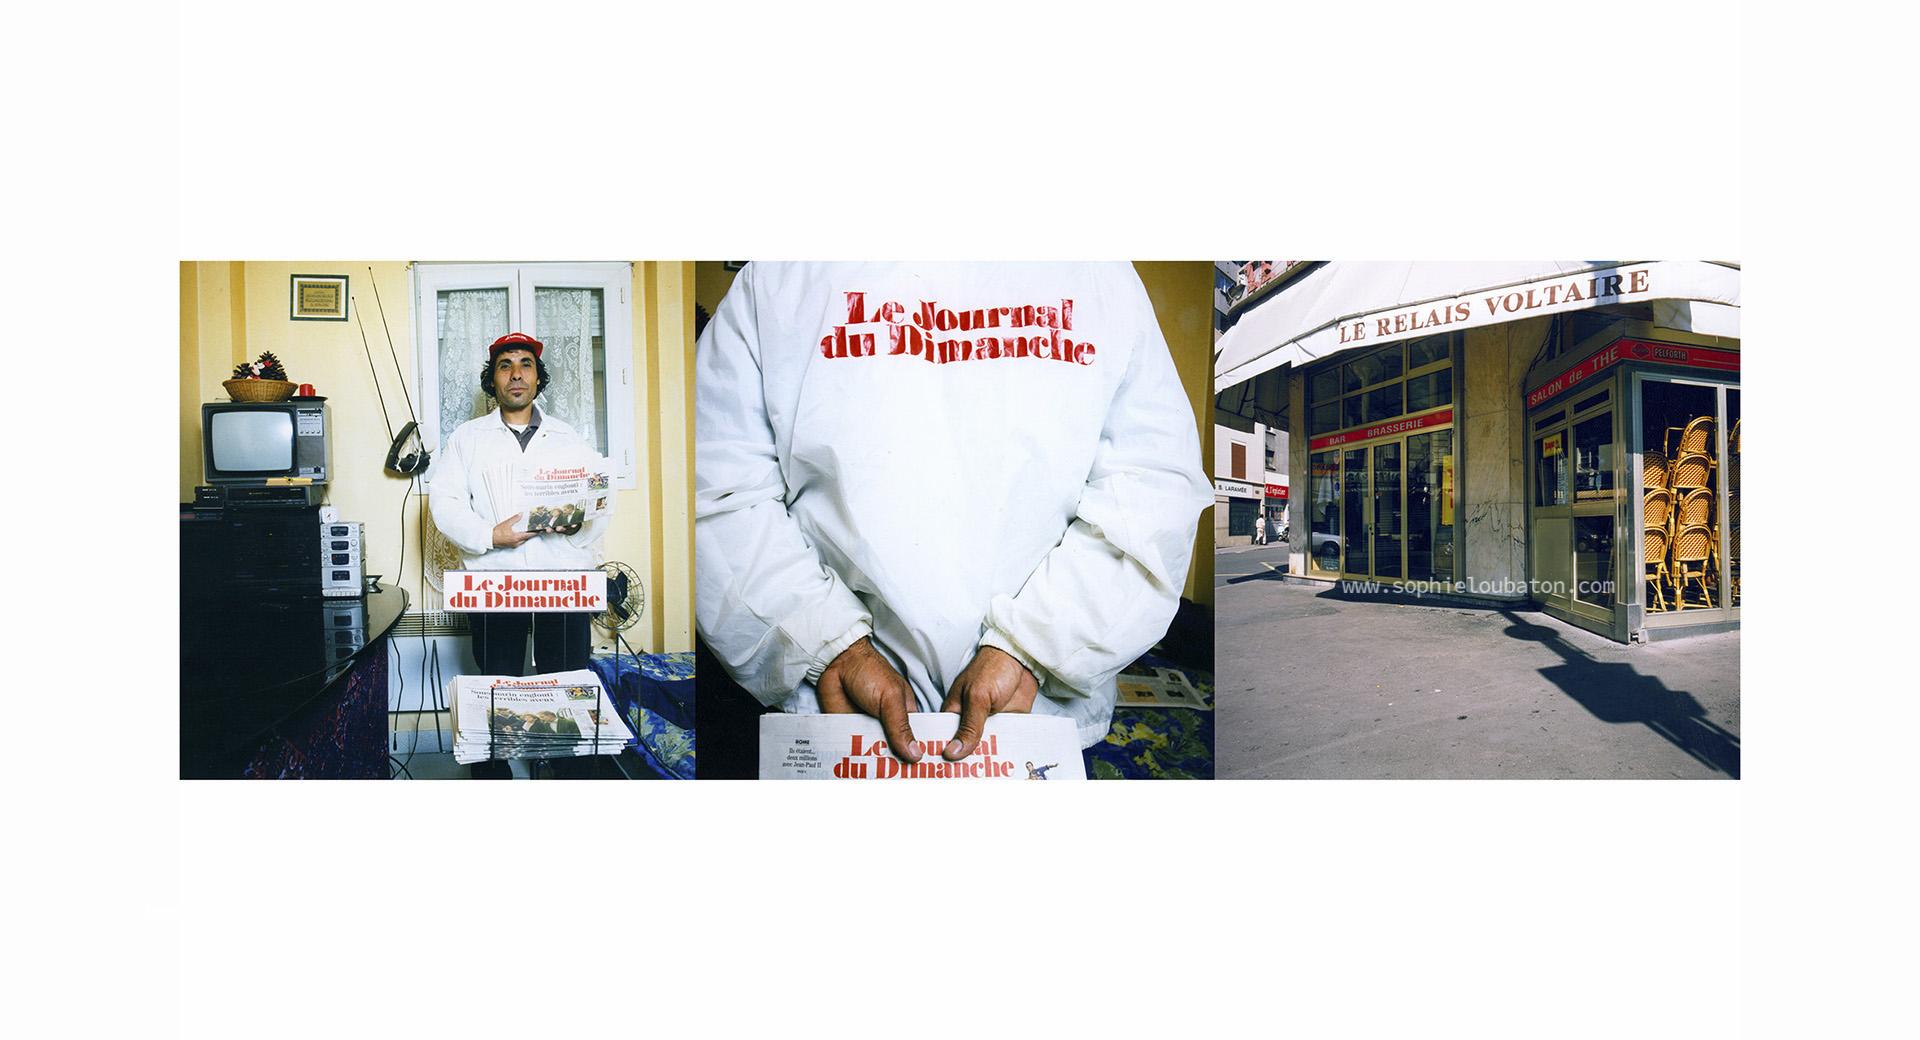 """_____Mahmoud 37 ans est originaire de Syrie et partage un studio avec trois compatriotes. Ex-chauffeur de ministre dans son pays, ex-boulanger en Jordanie, il est aujourd'hui ouvrier du batiment six jours sur sept, et on peut le rencontrer les fins de semaine métro Charonnes, place d'Italie ou à Bastille. _____Sans boutique ni pas de porte, dans son blouson, sous sa casquette frappés """"Journal du Dimanche il vend à la criée : _____""""Journal du dimanche, bonjour bonjour, bon appetit, bon courage… la semaine prochaine à République… """""""